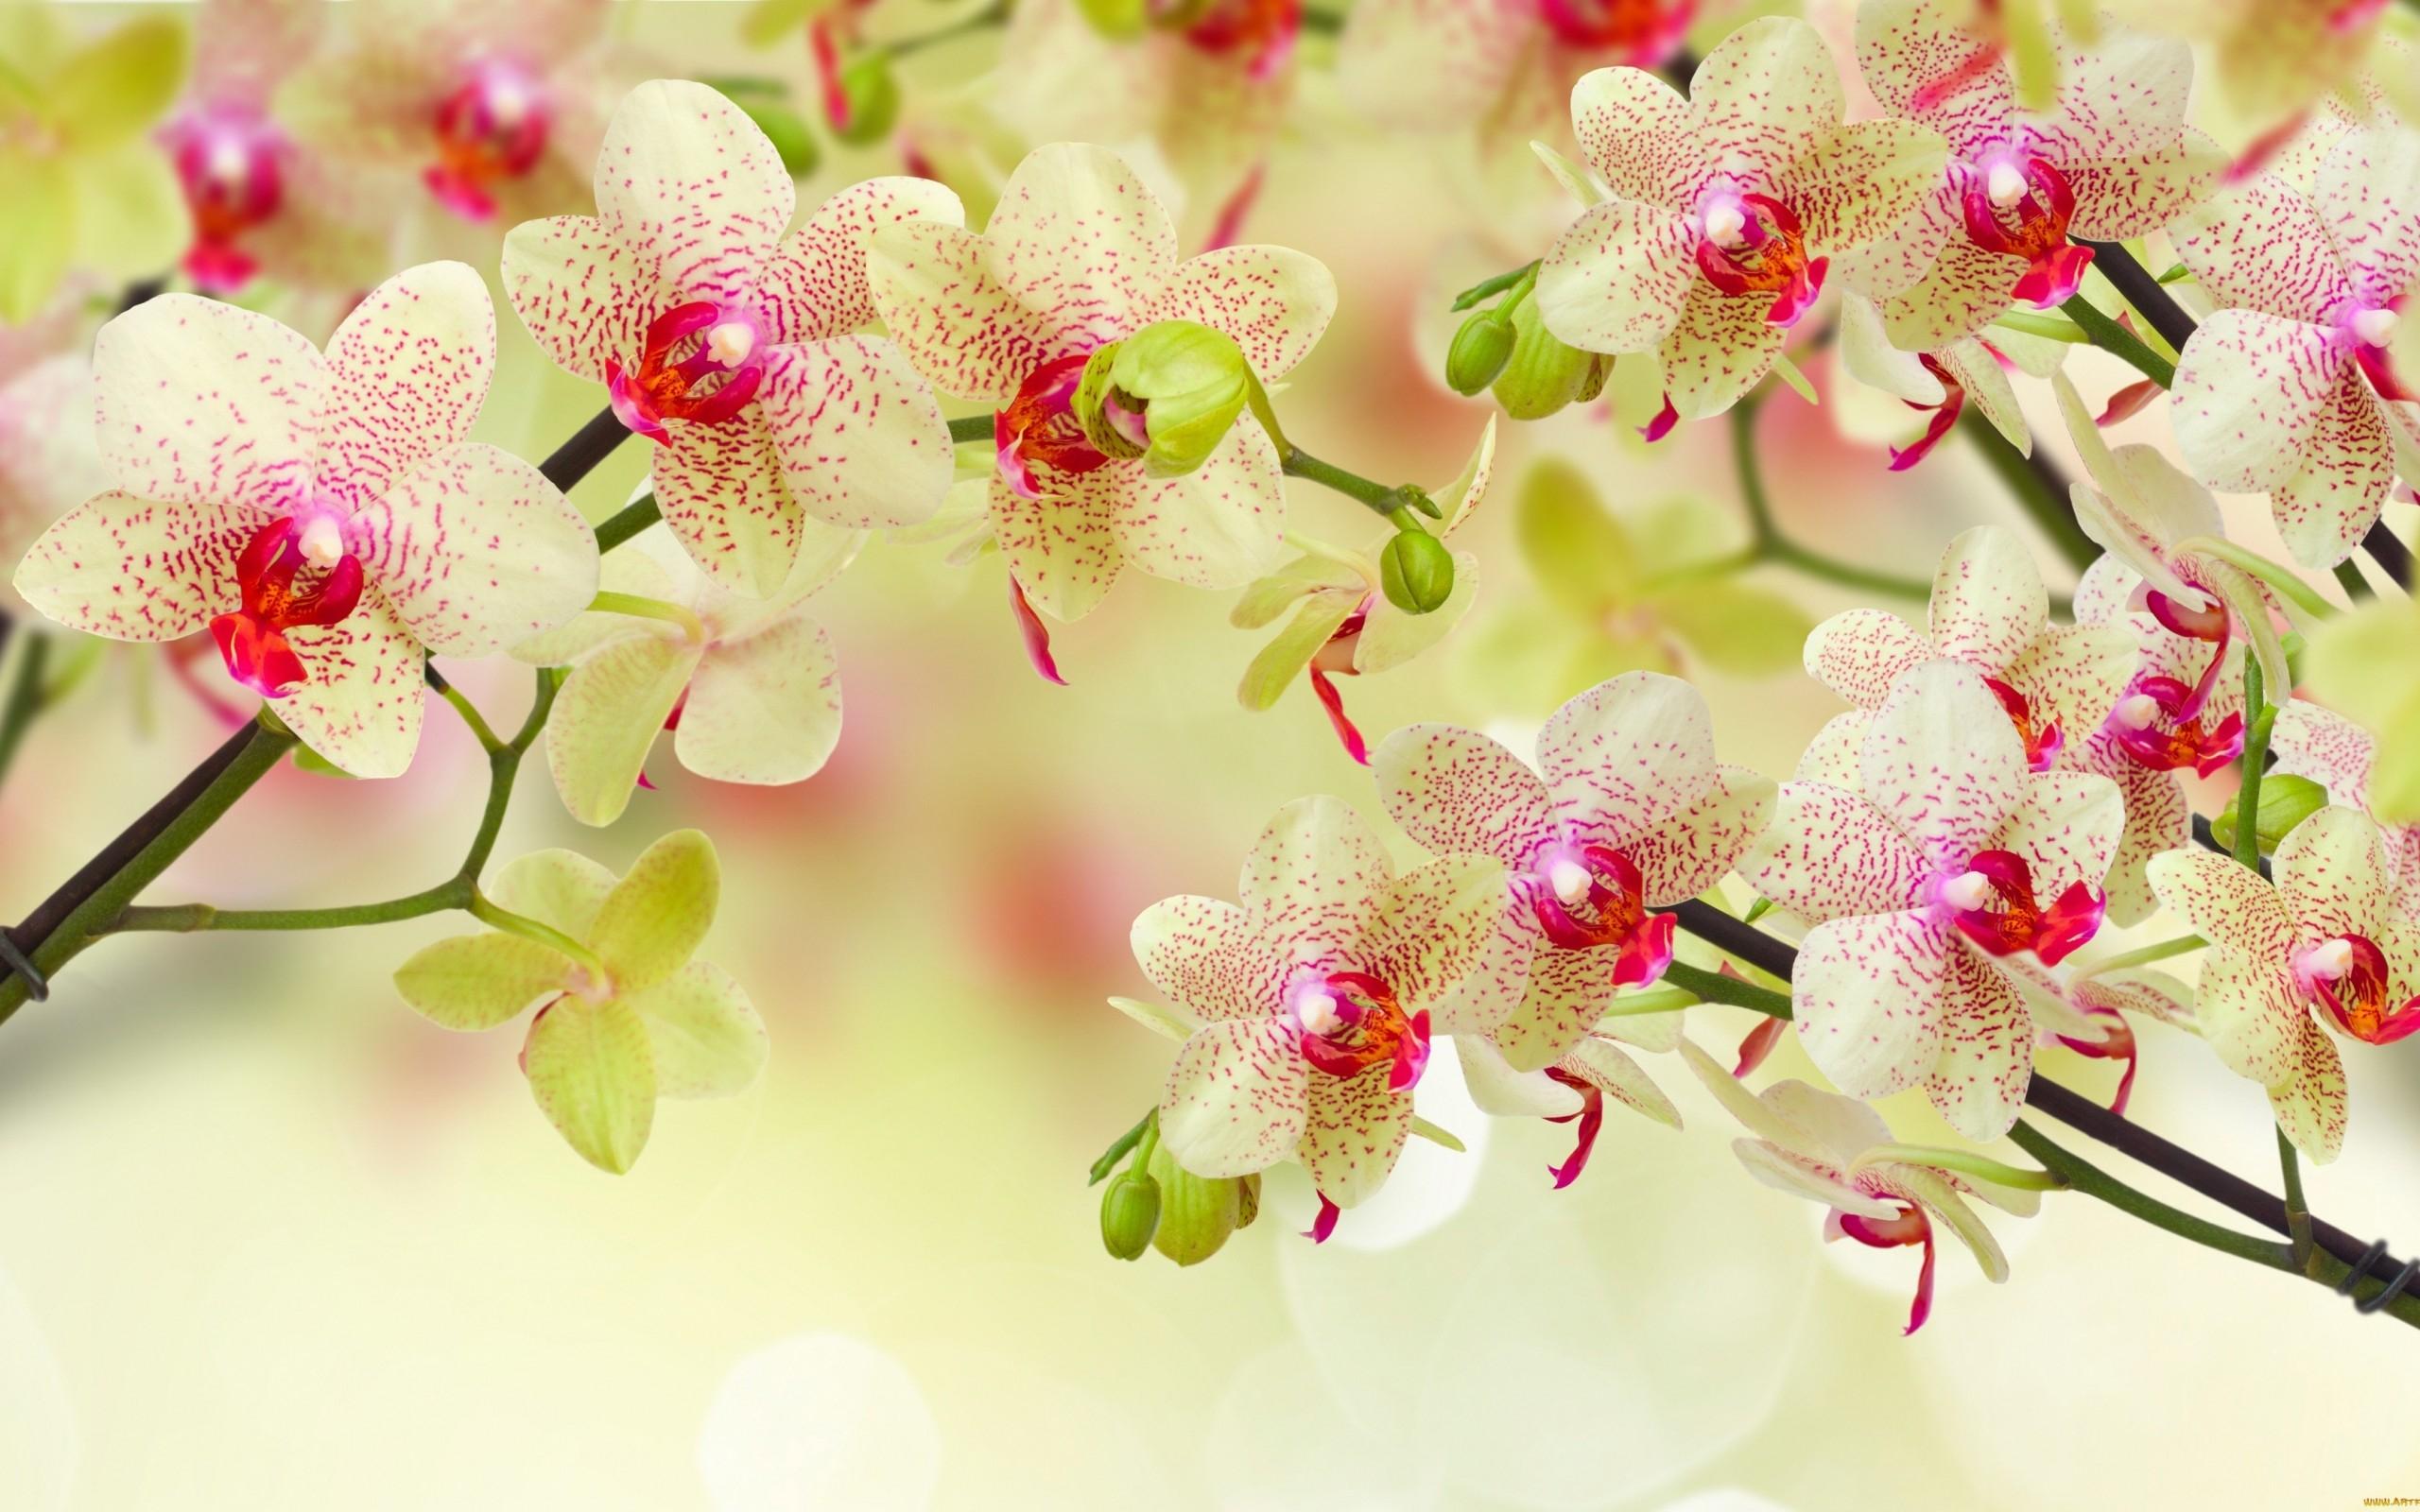 Душистый, картинки с цветами для фотопечати